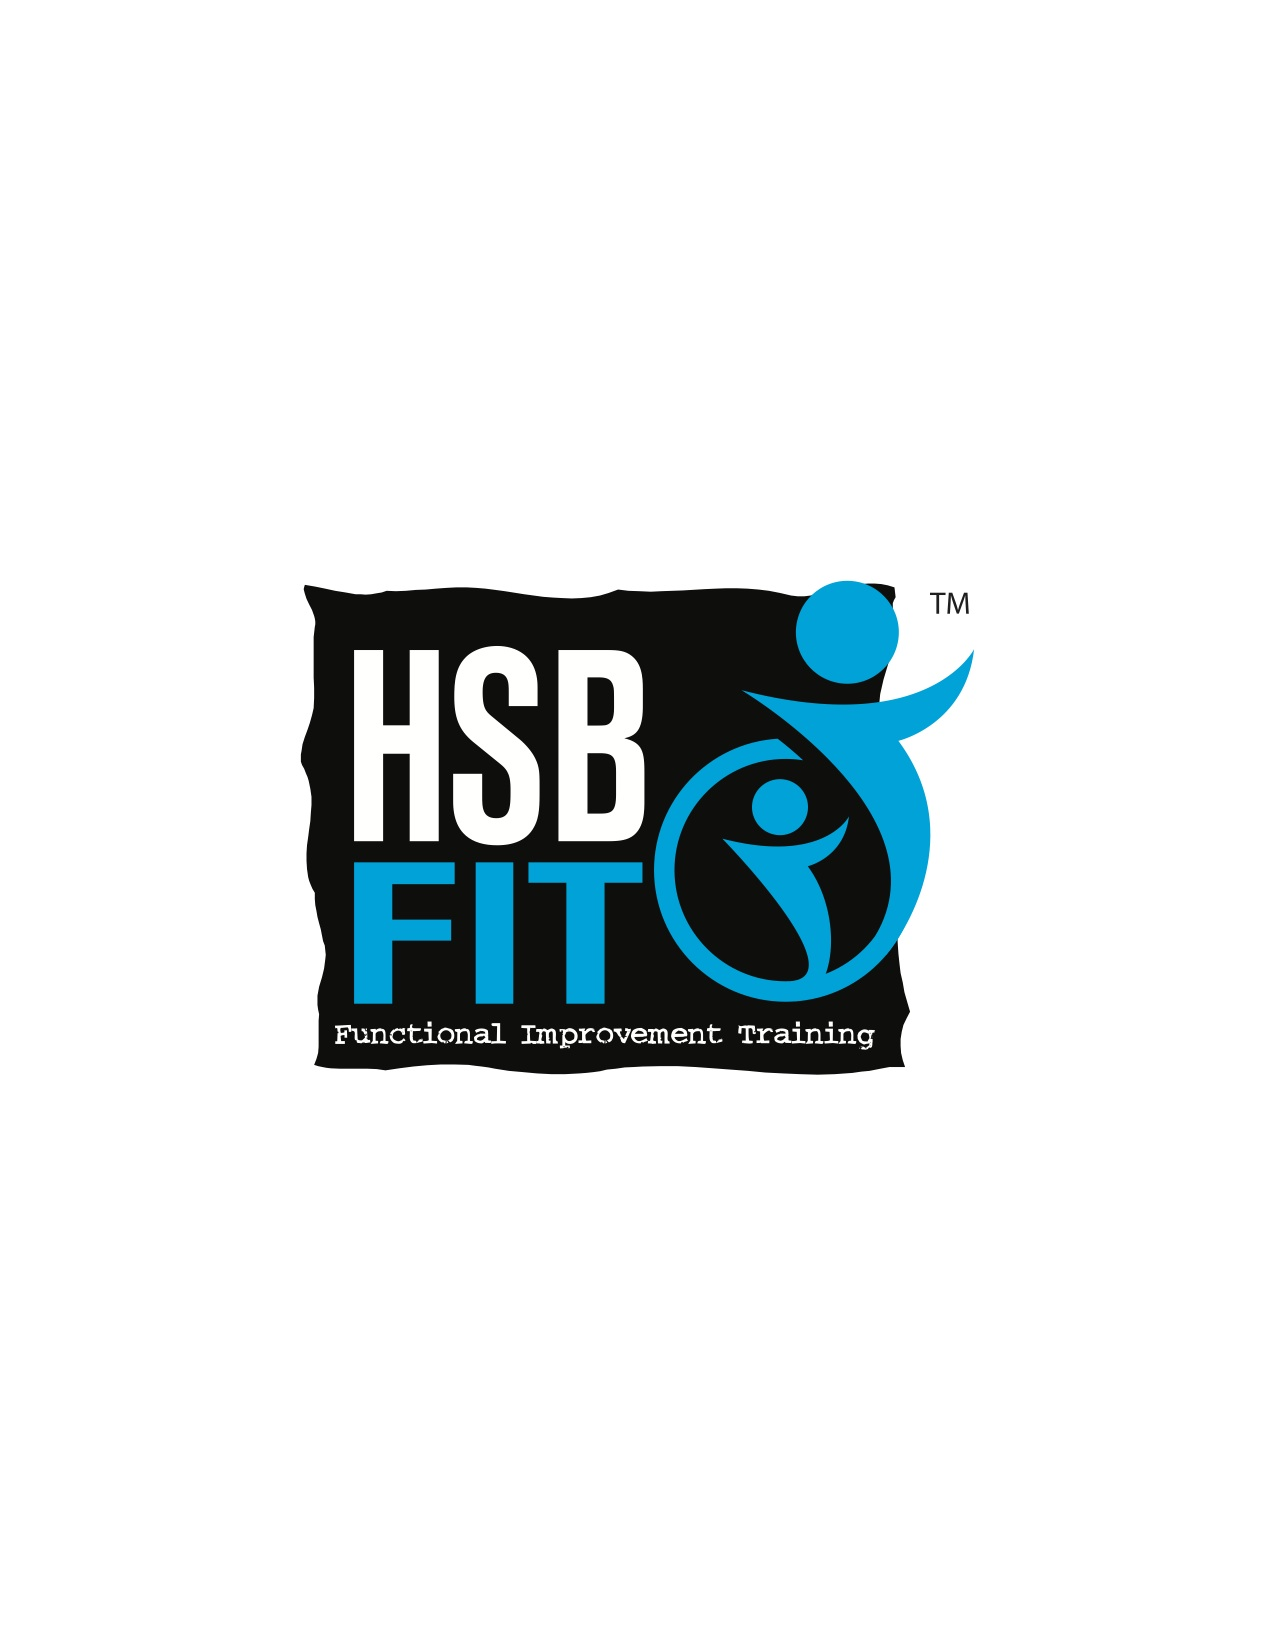 HSBfit